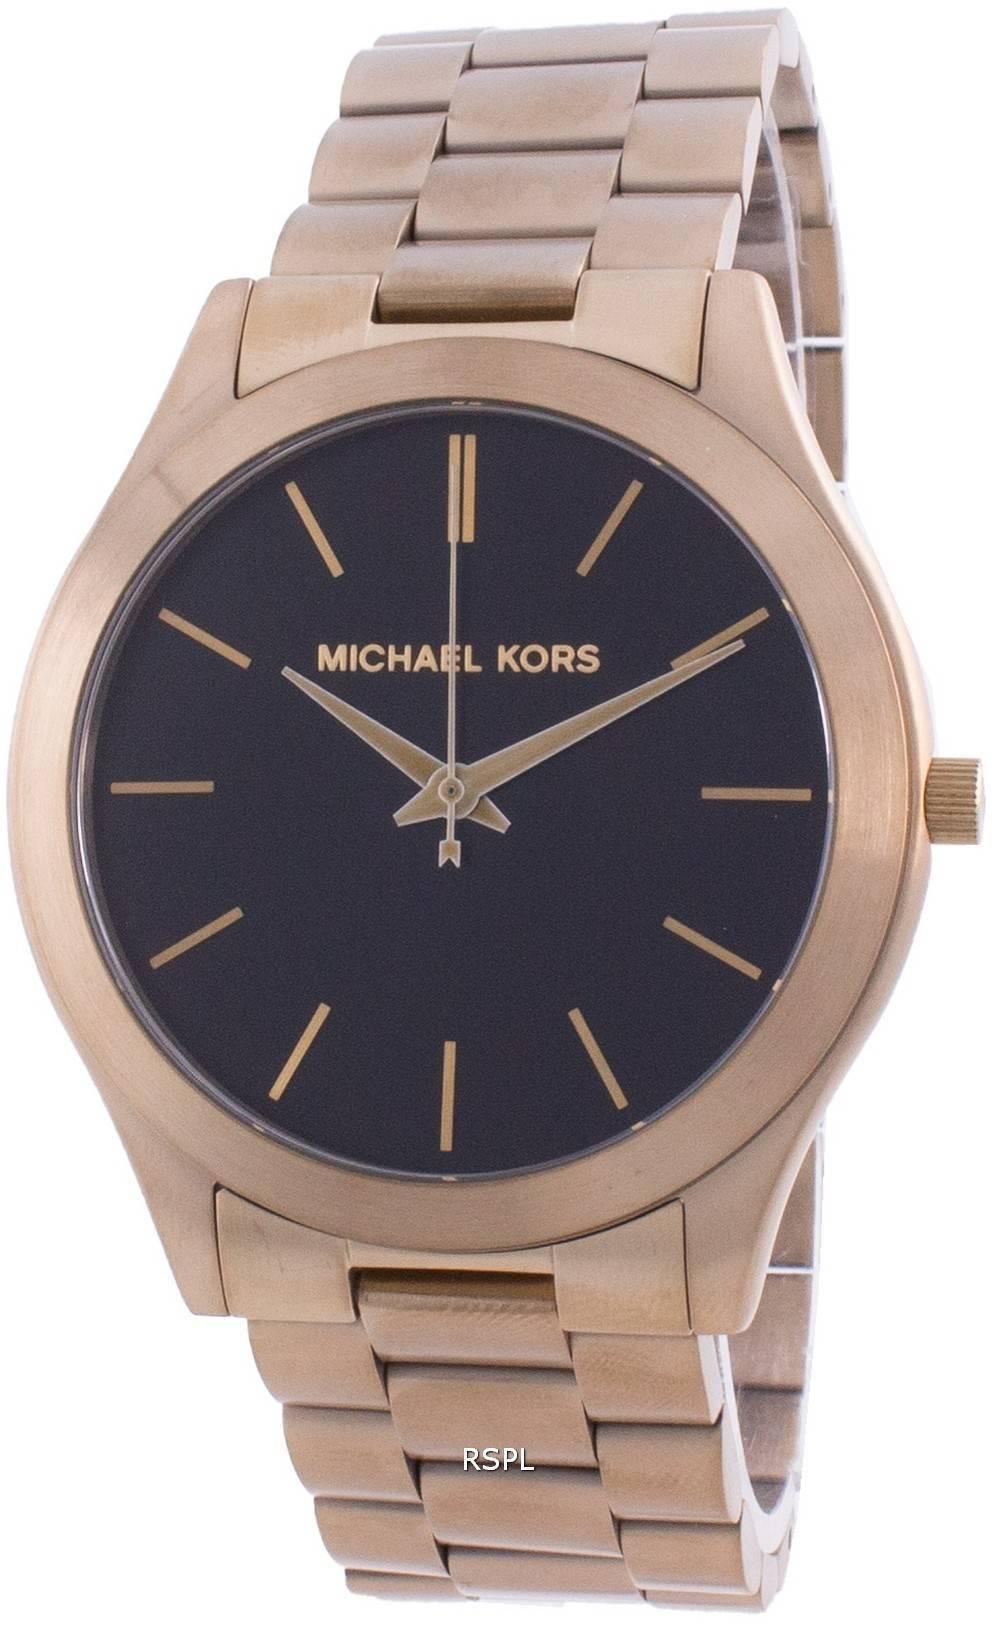 Michael Kors Slim Runway Black Dial Quartz MK8795 Men's Watch